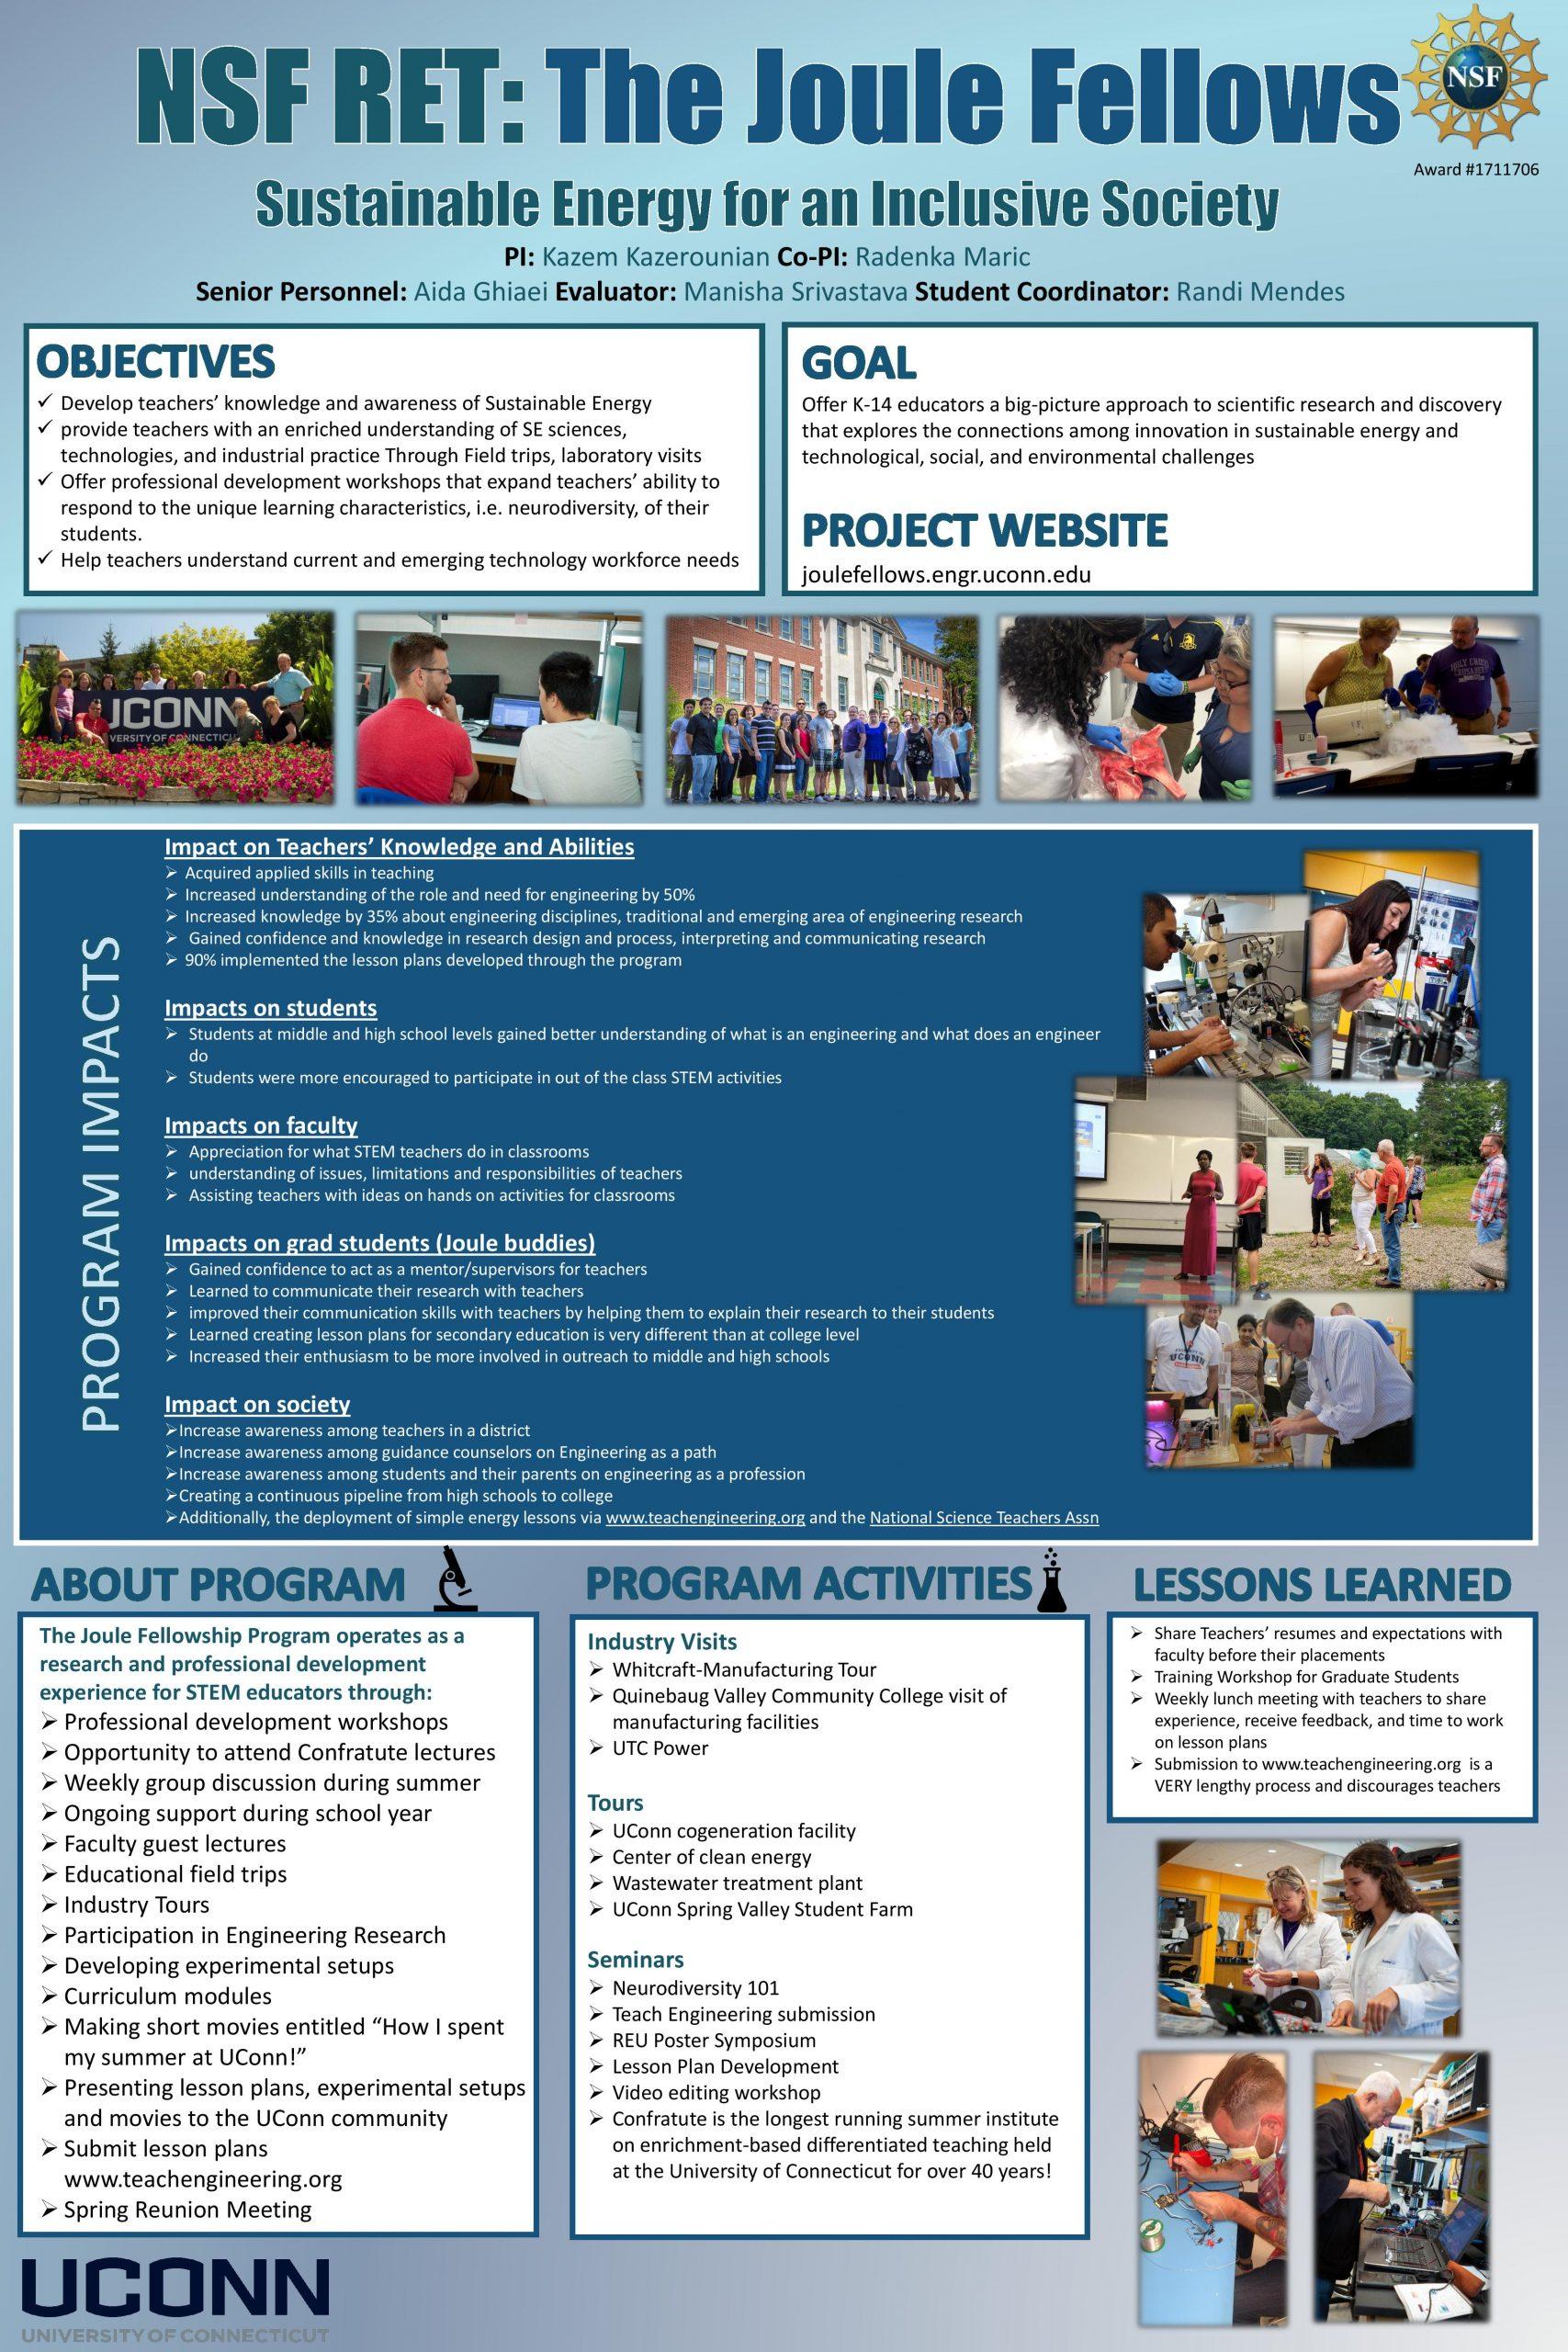 Joule Fellows Program